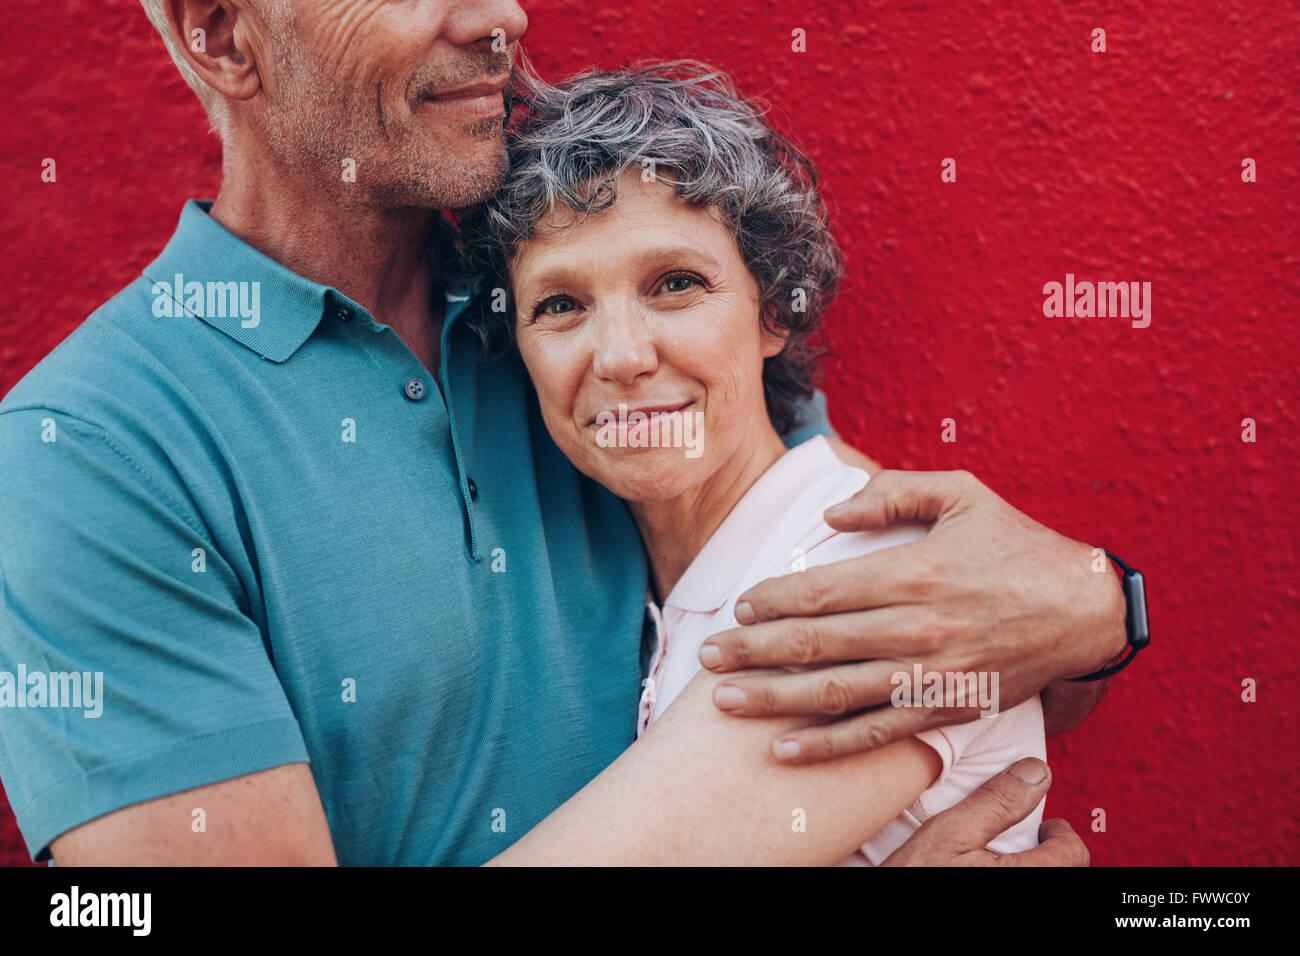 Ritratto di felice donna matura abbracciando il marito contro lo sfondo di colore rosso. Affettuosa giovane insieme Immagini Stock